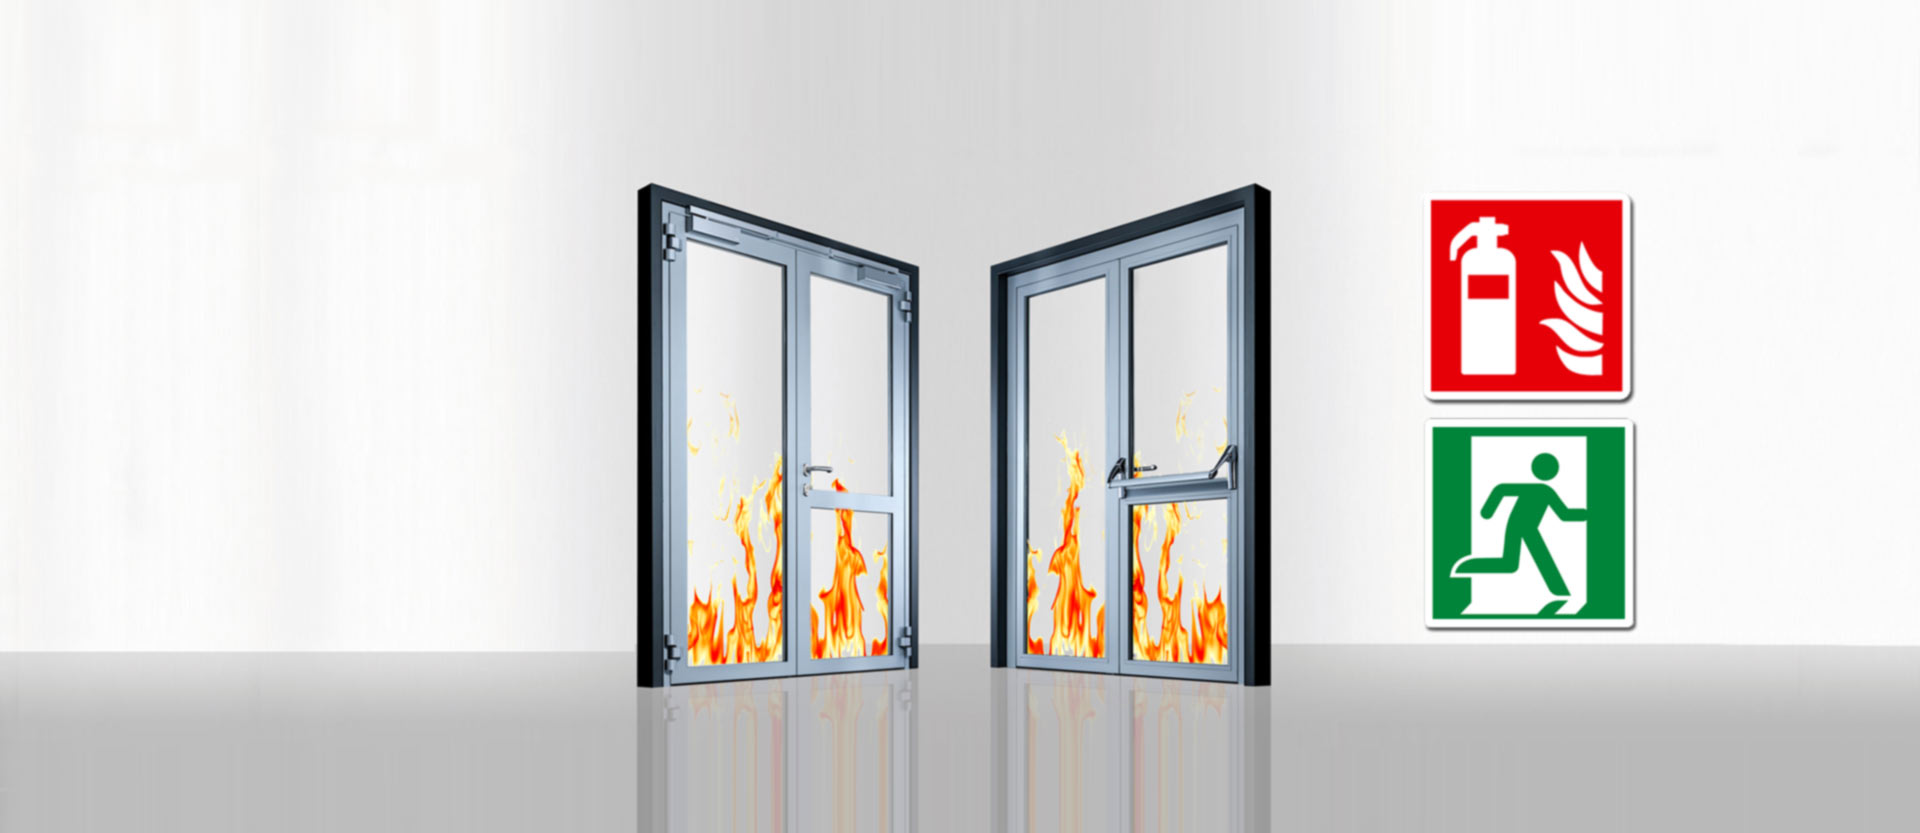 Sme Antincendio